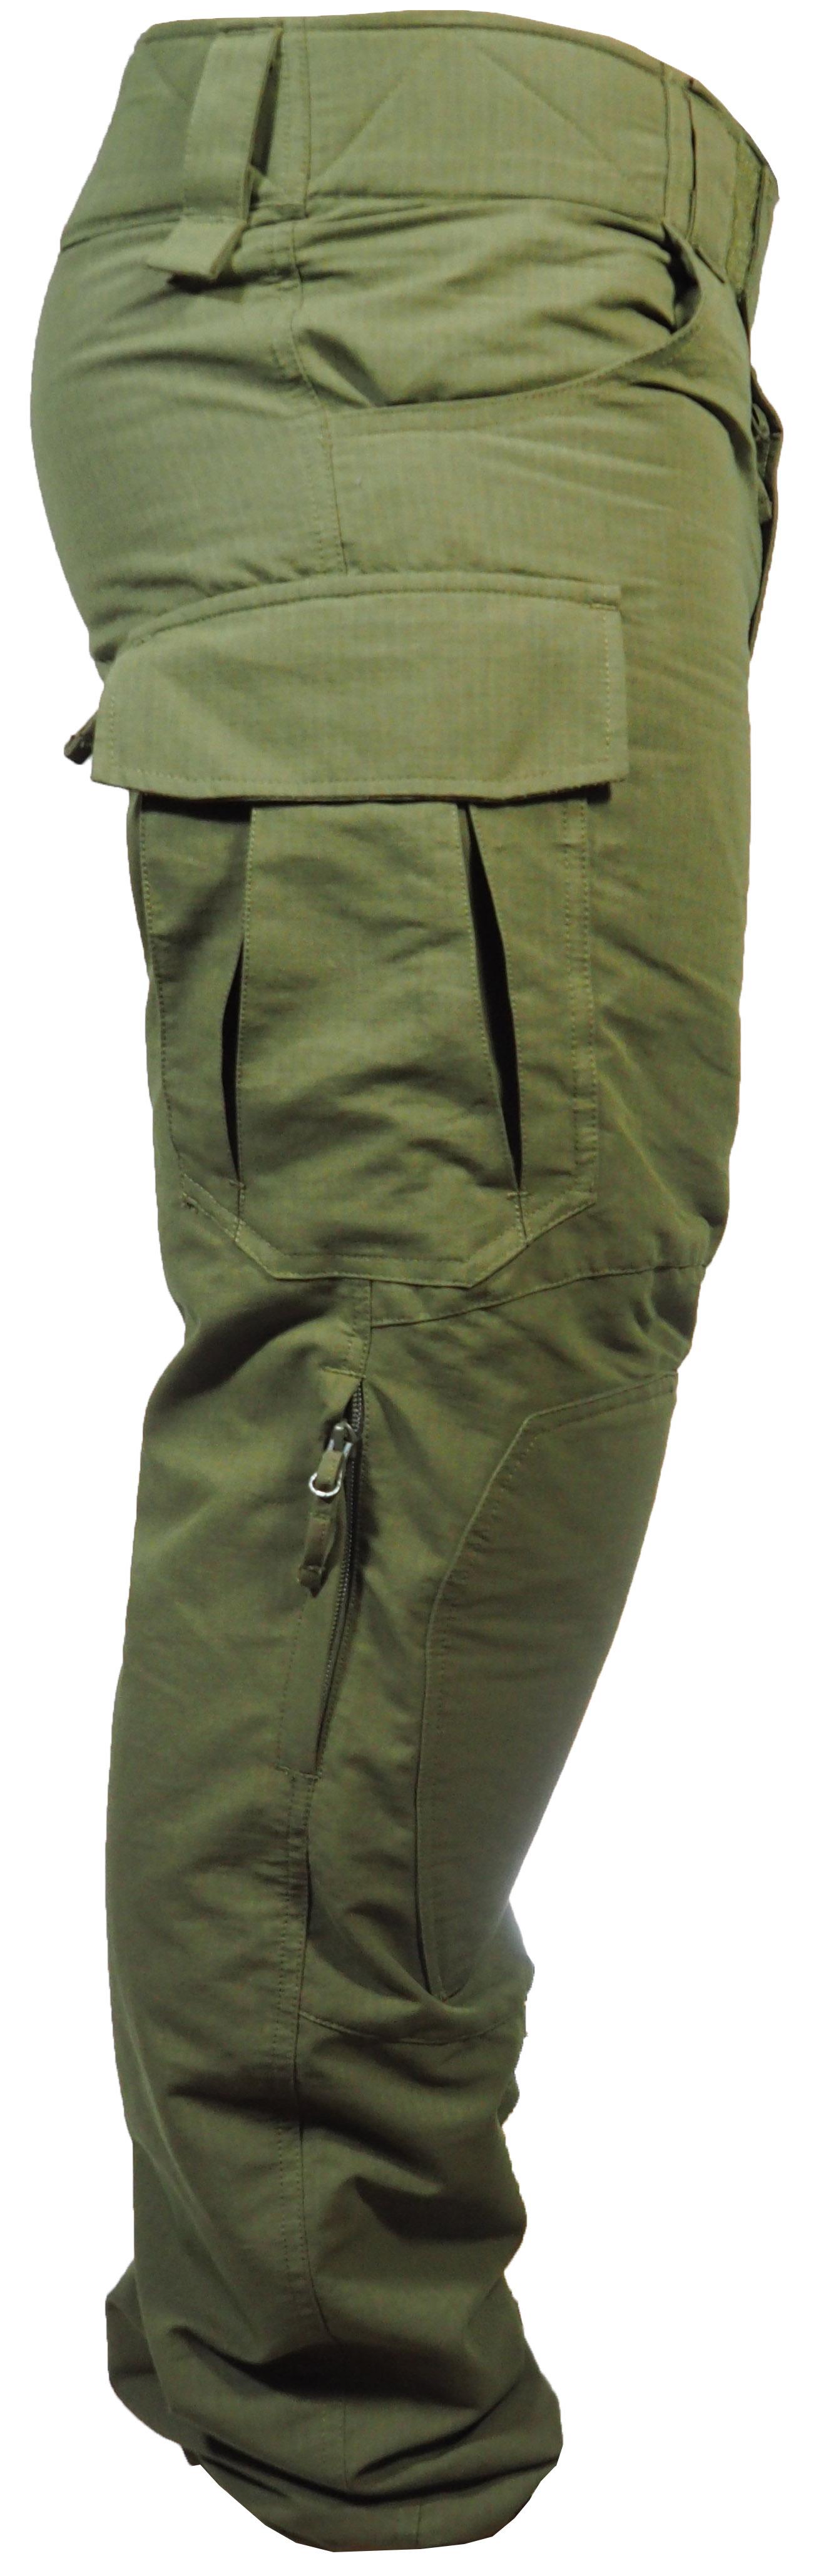 מכנס  מדי פשיטה  ג טקטי ללא ברכיות מדי לחימה צבע ירוק זית דגם  Keela